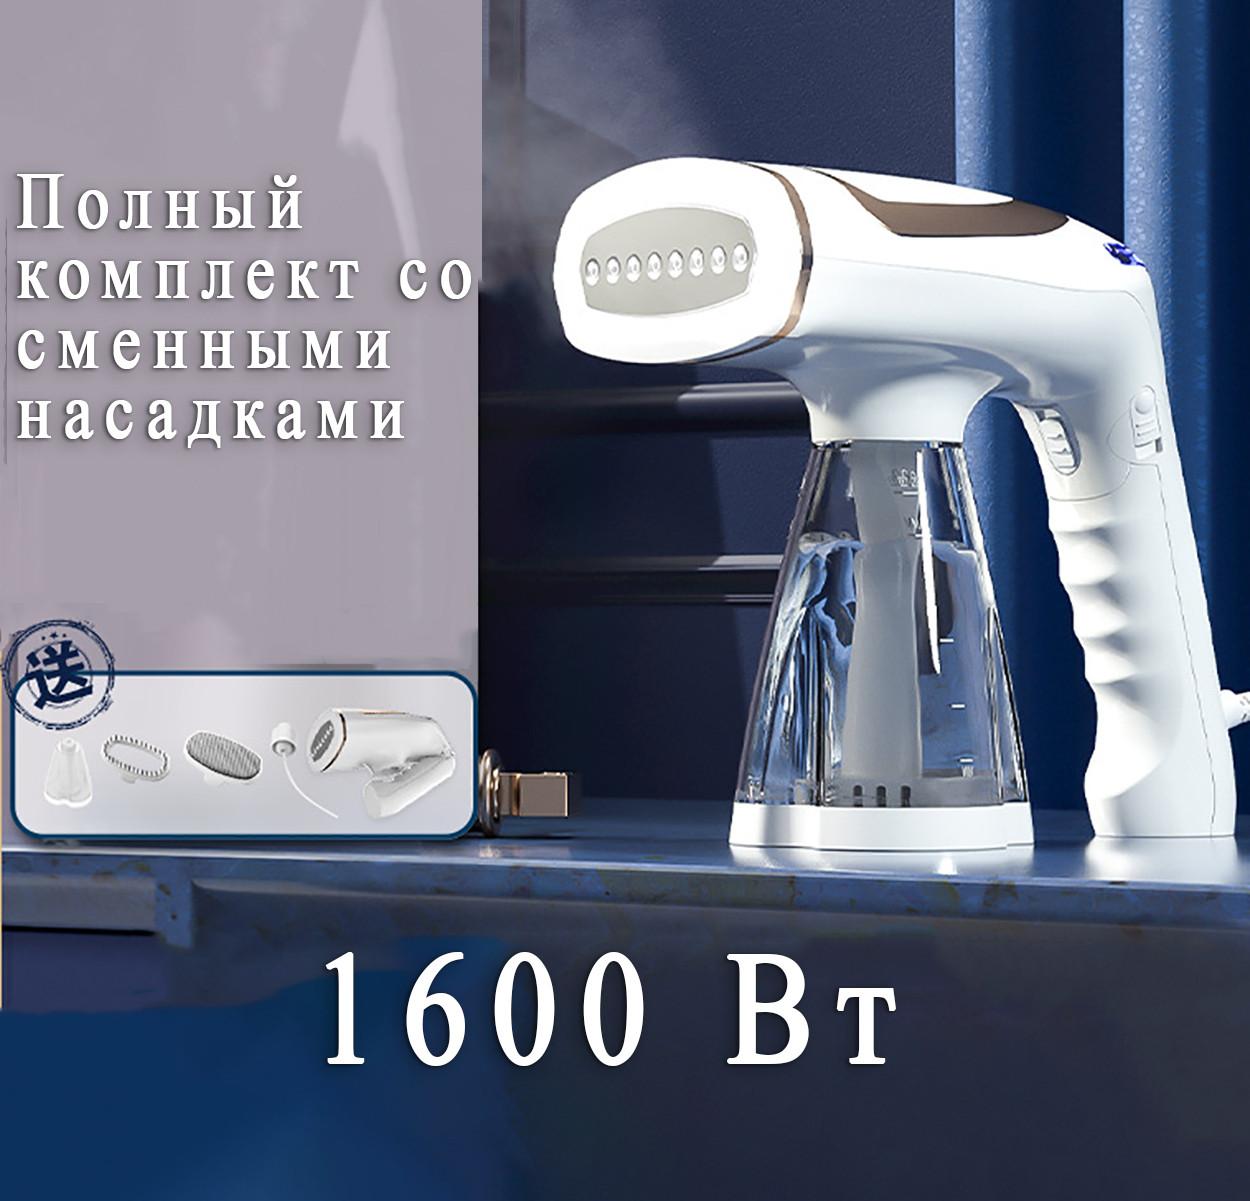 Відпарювач KQ01 ручний, вертикальний. Відпарювач для одягу, парова праска 1200 Вт